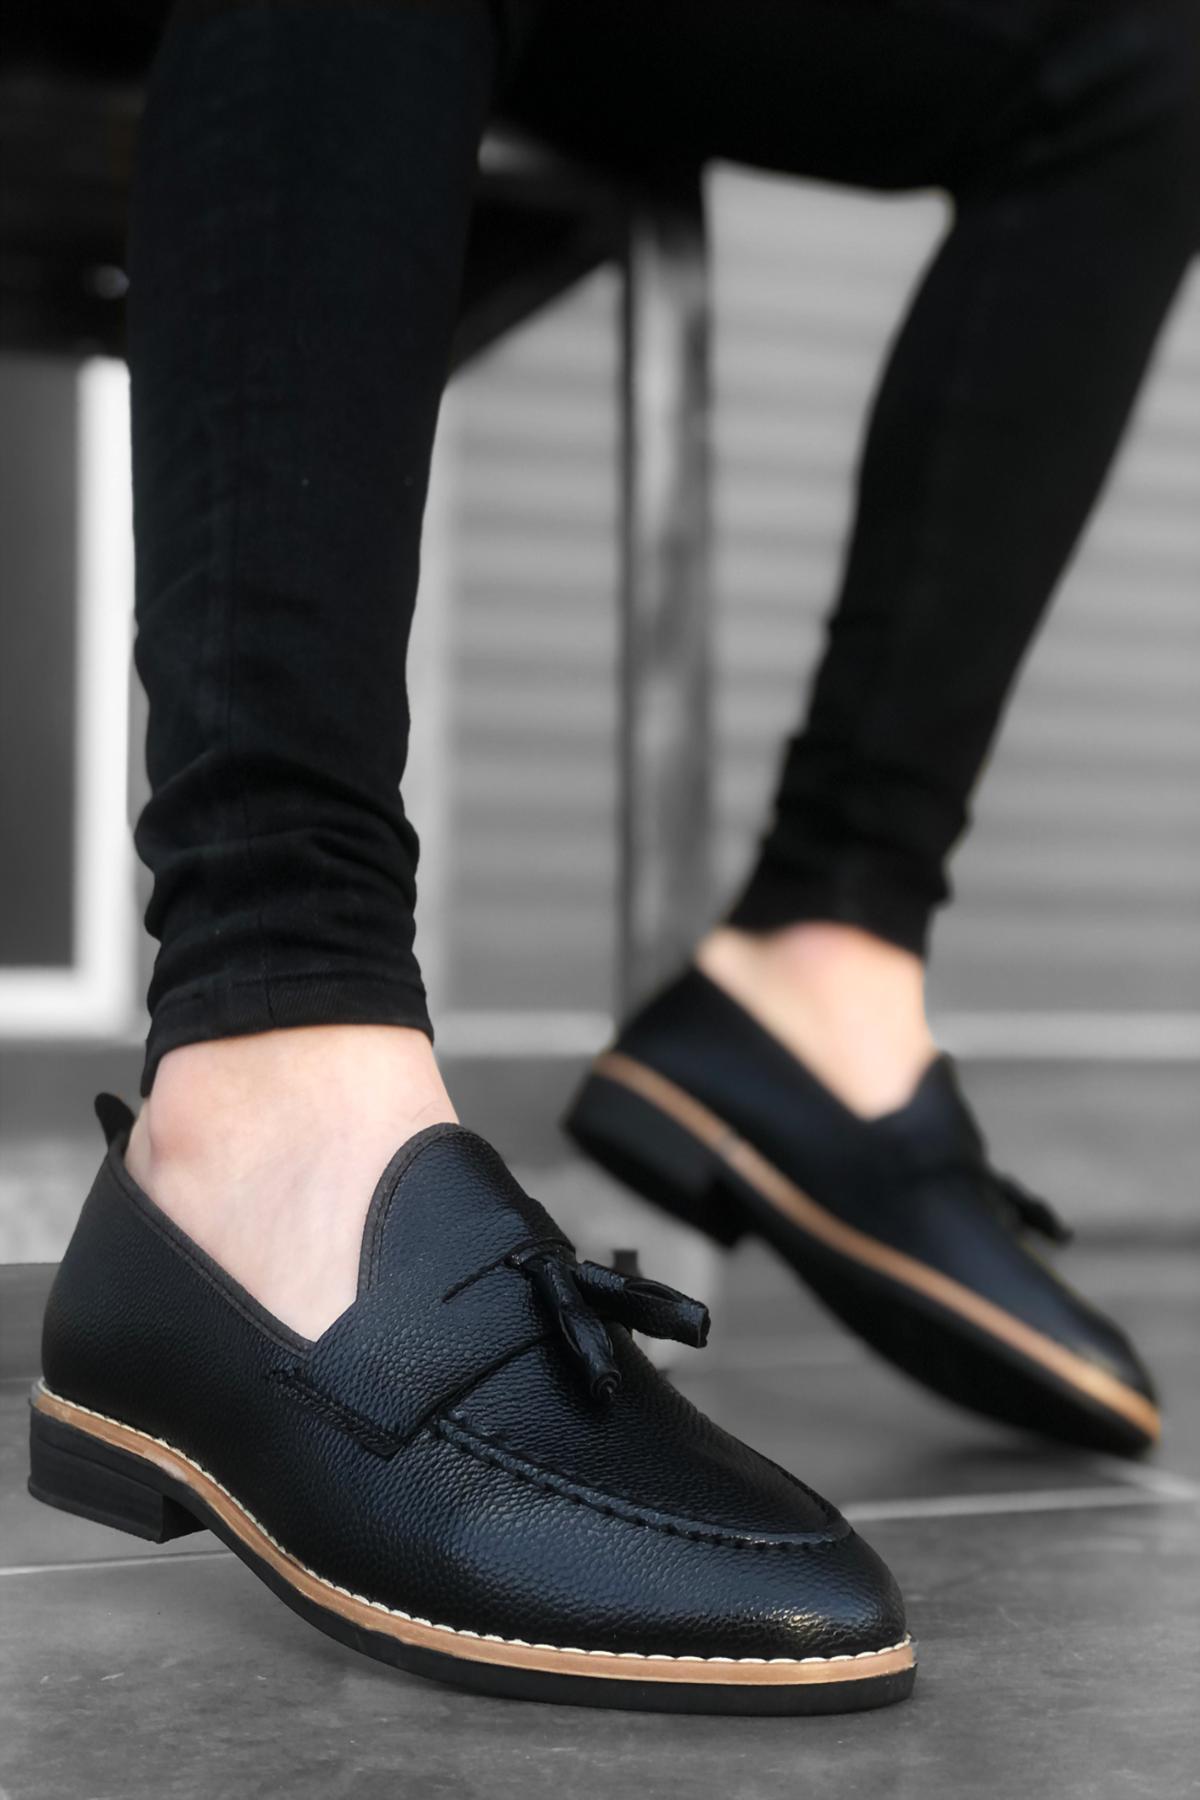 B009 Siyah Deri Püsküllü Klasik Ayakkabı